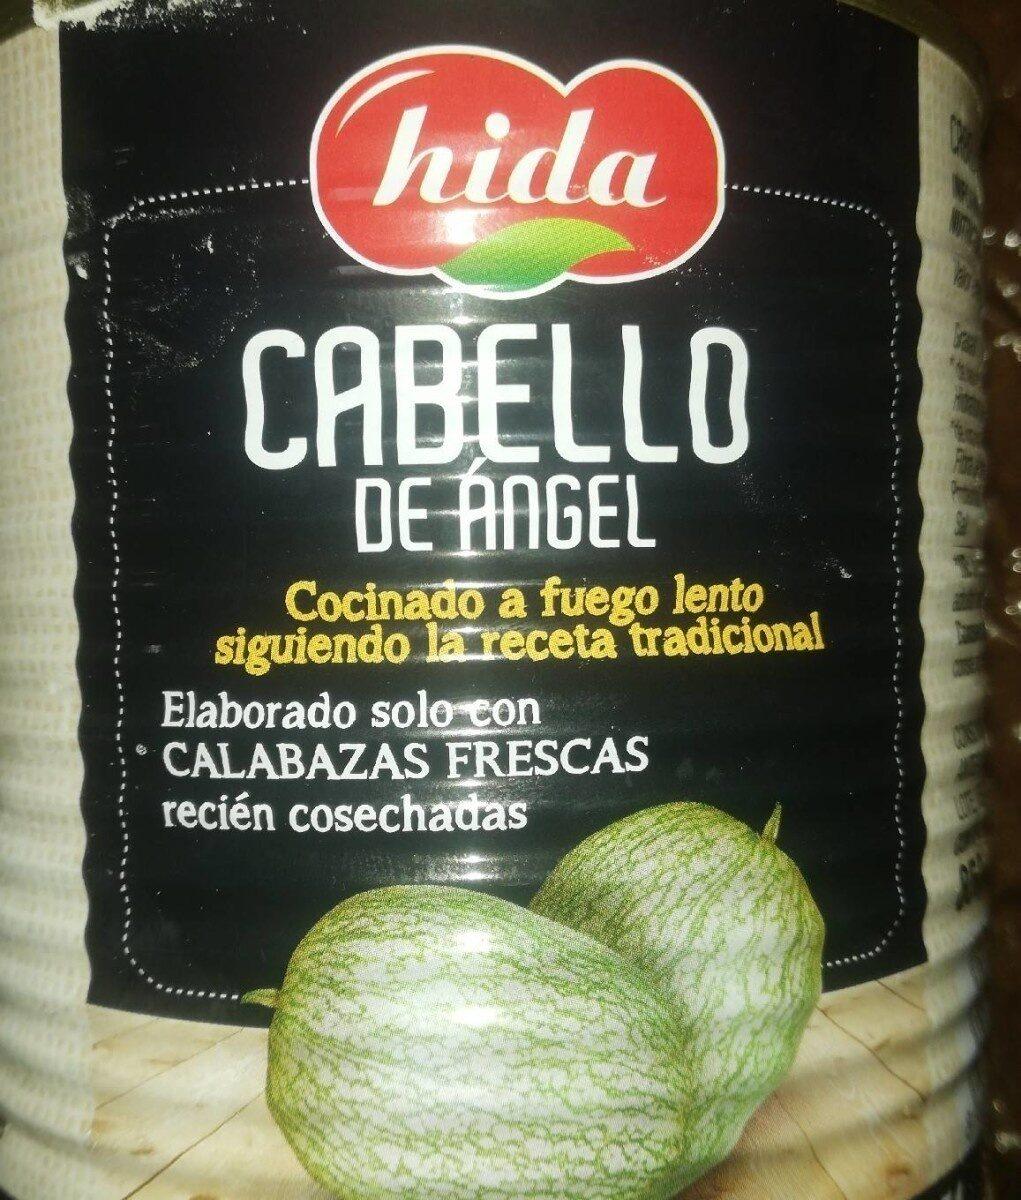 Cabello de angel bote 1 kg. - Product - es